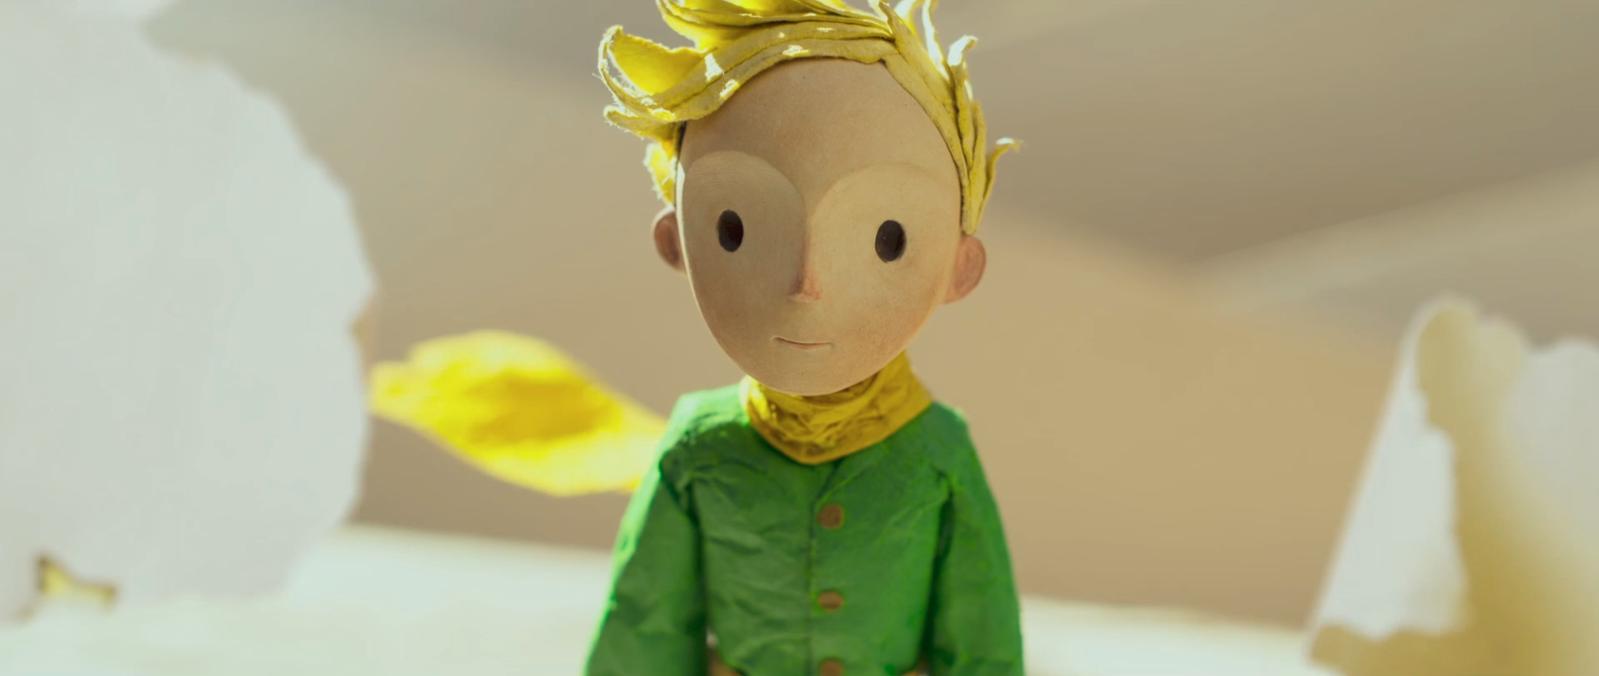 """Filme O Pequeno Principe 2015 regarding o pequeno príncipe"""" ganha novo trailer"""